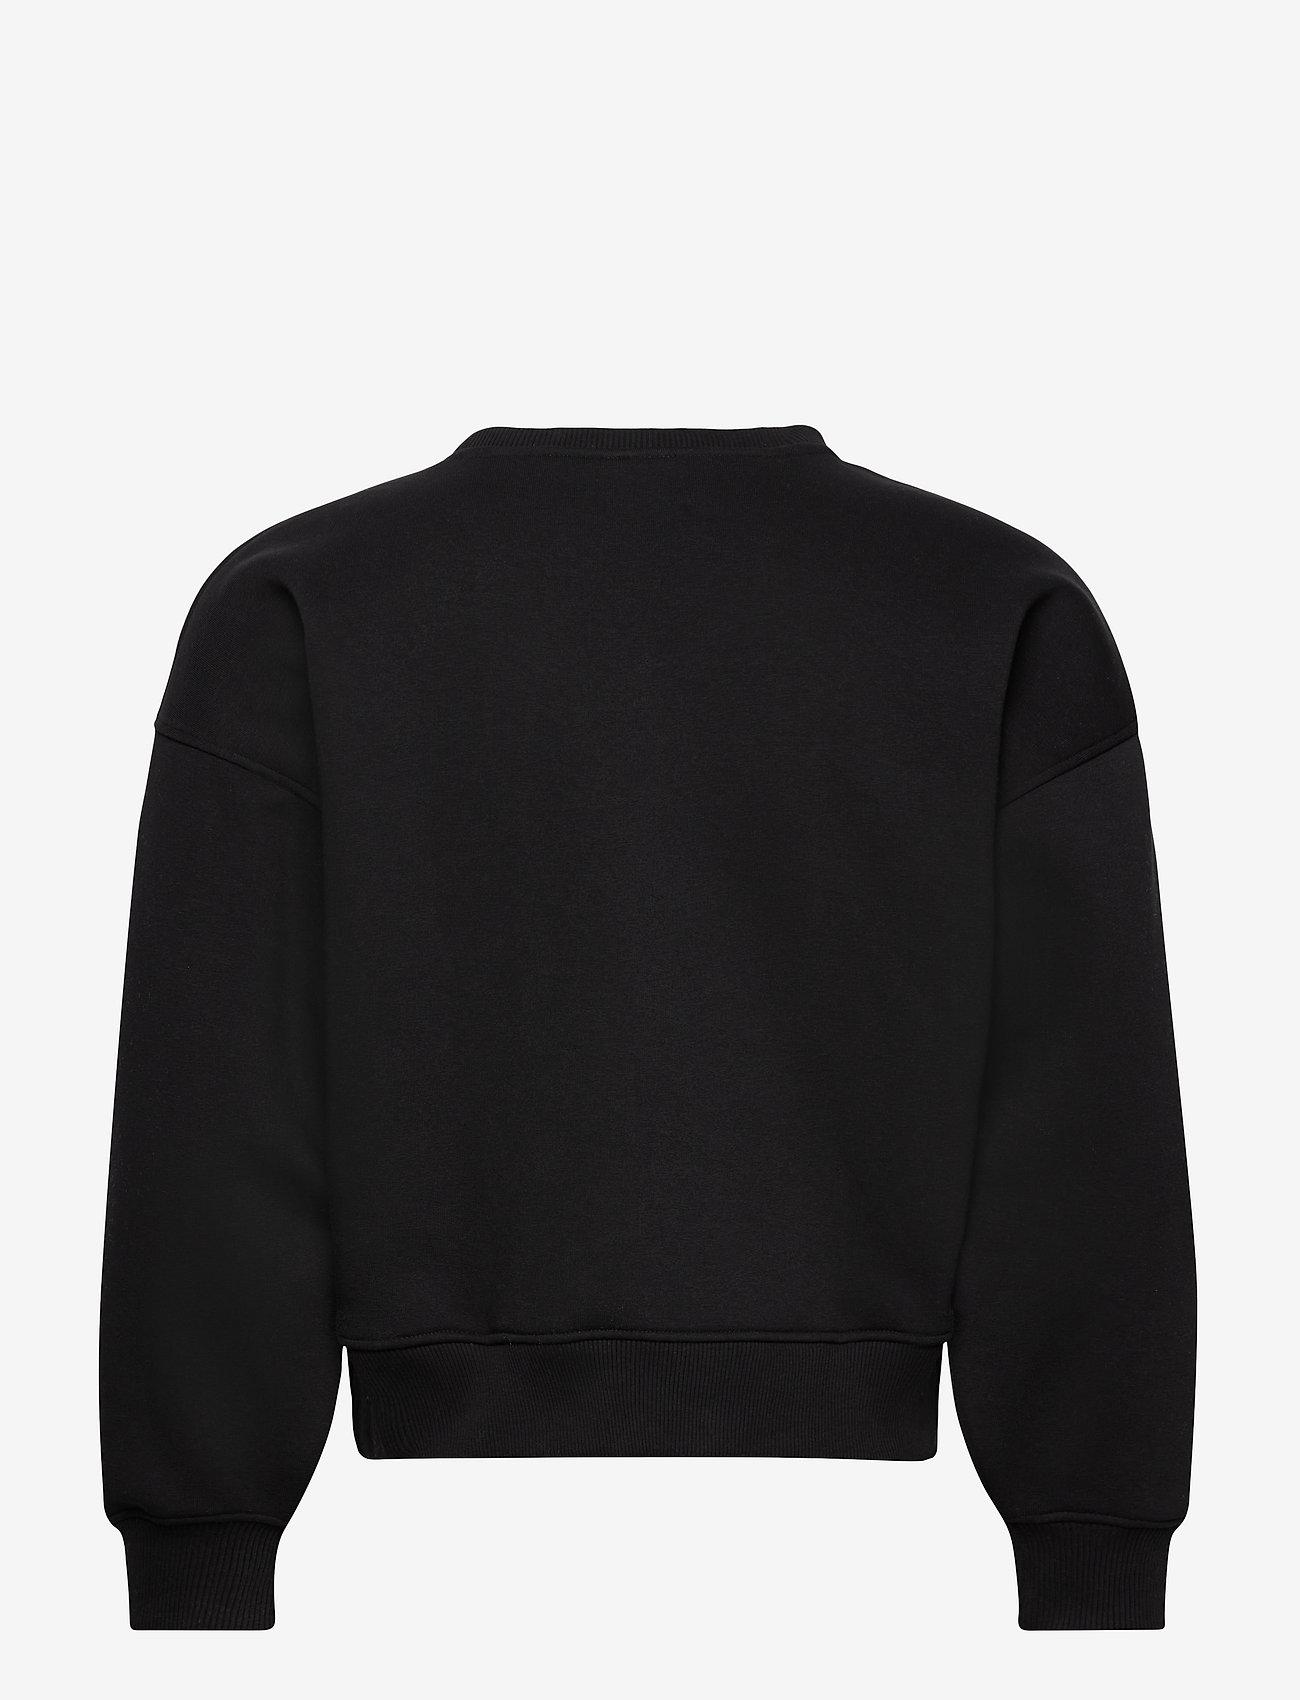 Gestuz - RubiGZ sweatshirt NOOS - sweatshirts & hættetrøjer - black - 1